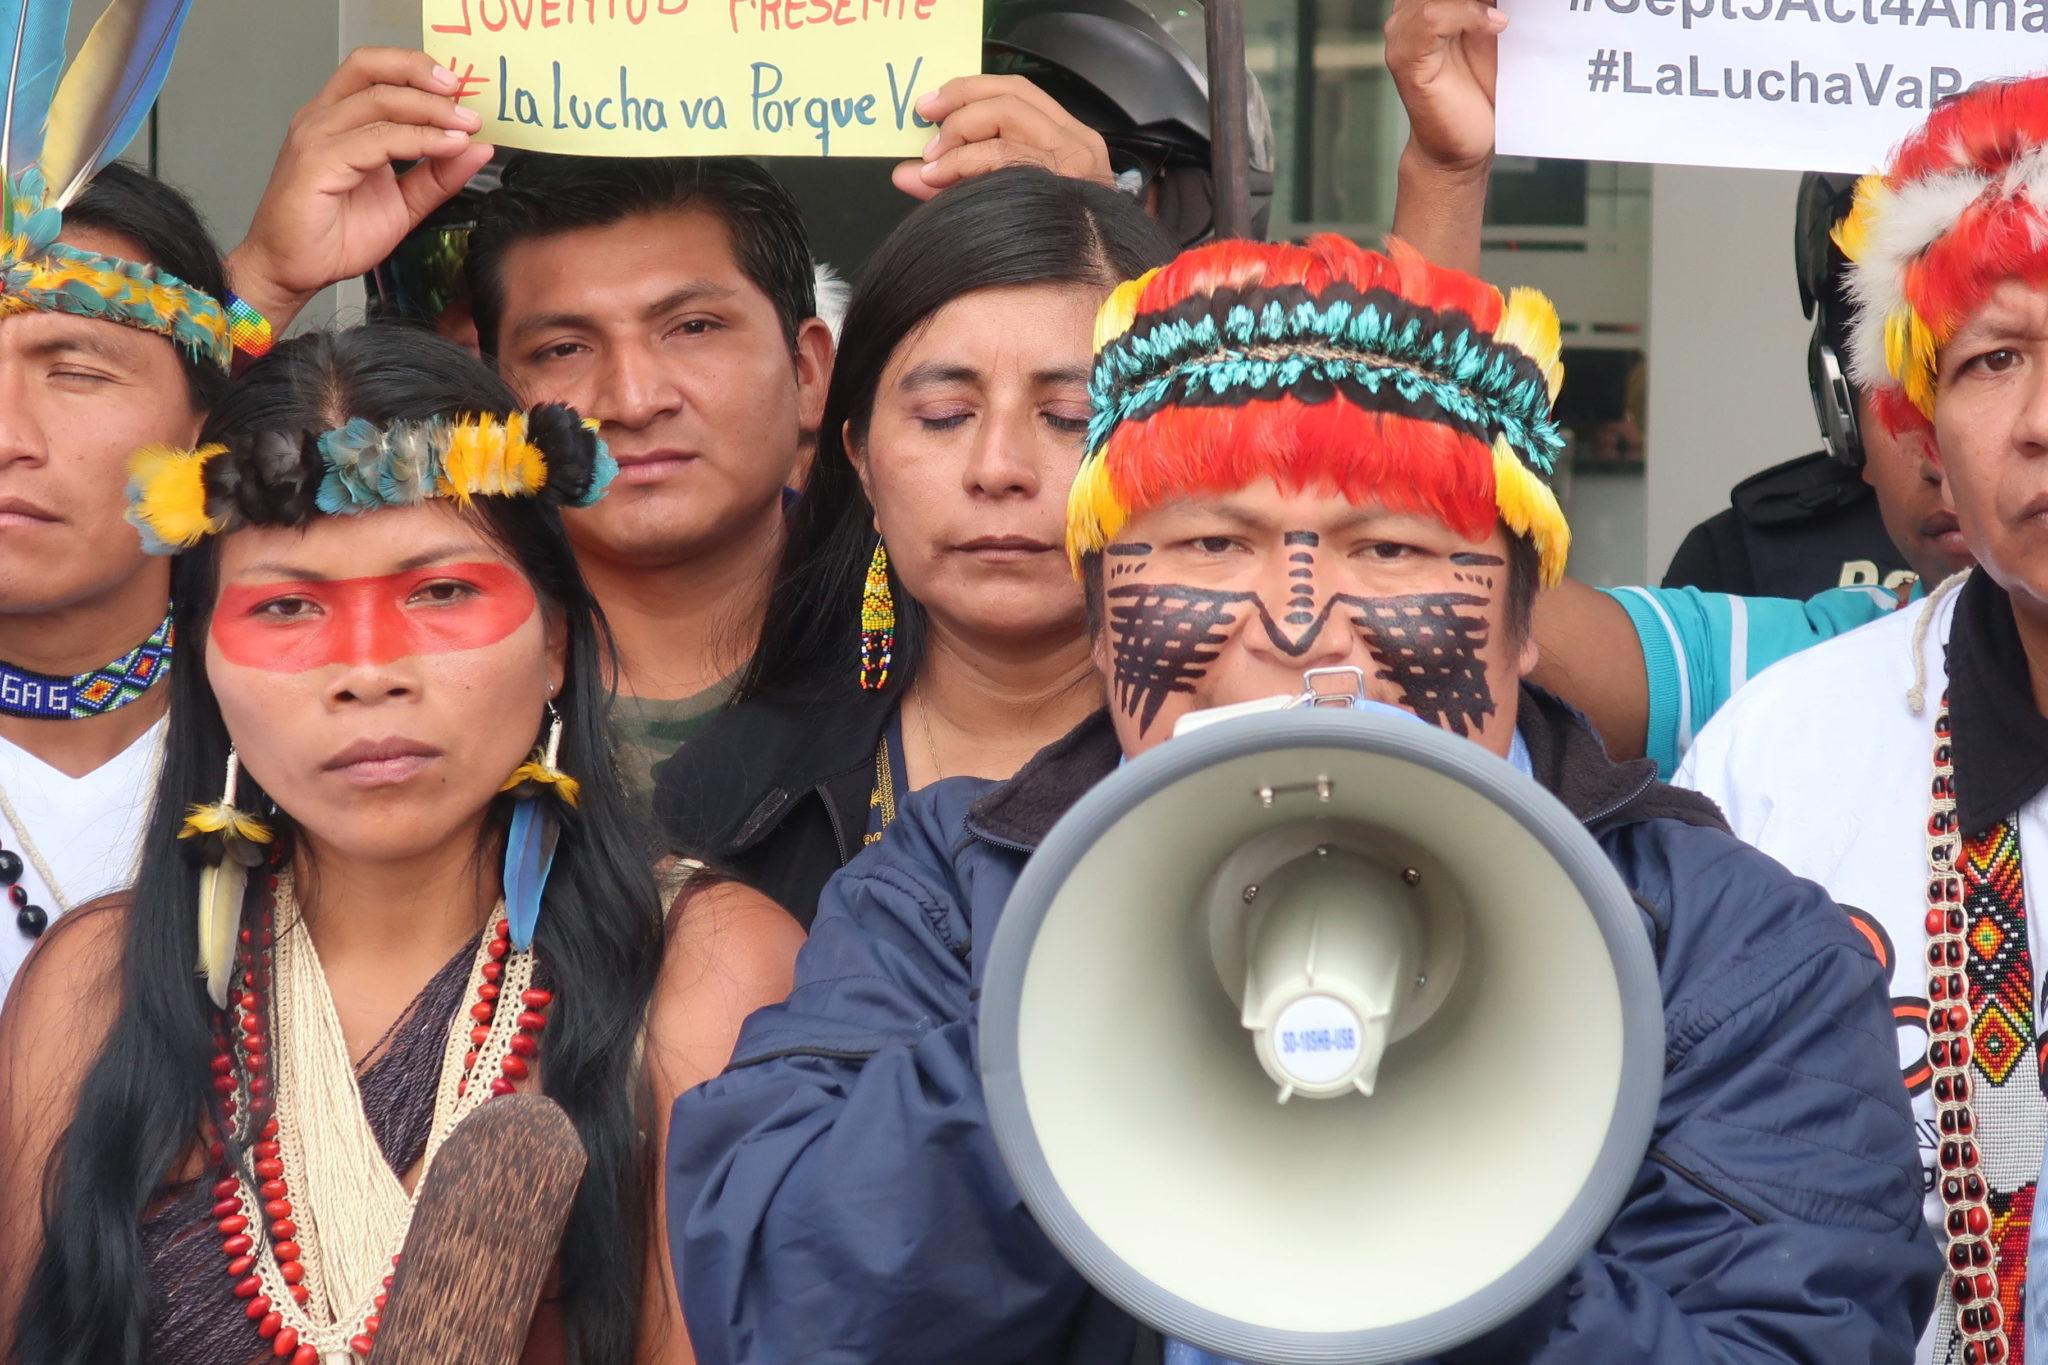 Protest mieszkańców Ekwadoru przeciwko zanieczyszczaniu amazońskiej dżungli. Przedstawieni Ekwadorczycy wywodzą  się od rdzennych Indian zamieszkujących dawniej tereny Amazonii.   EPA/Kevin Vélez  Dostawca: PAP/EPA.